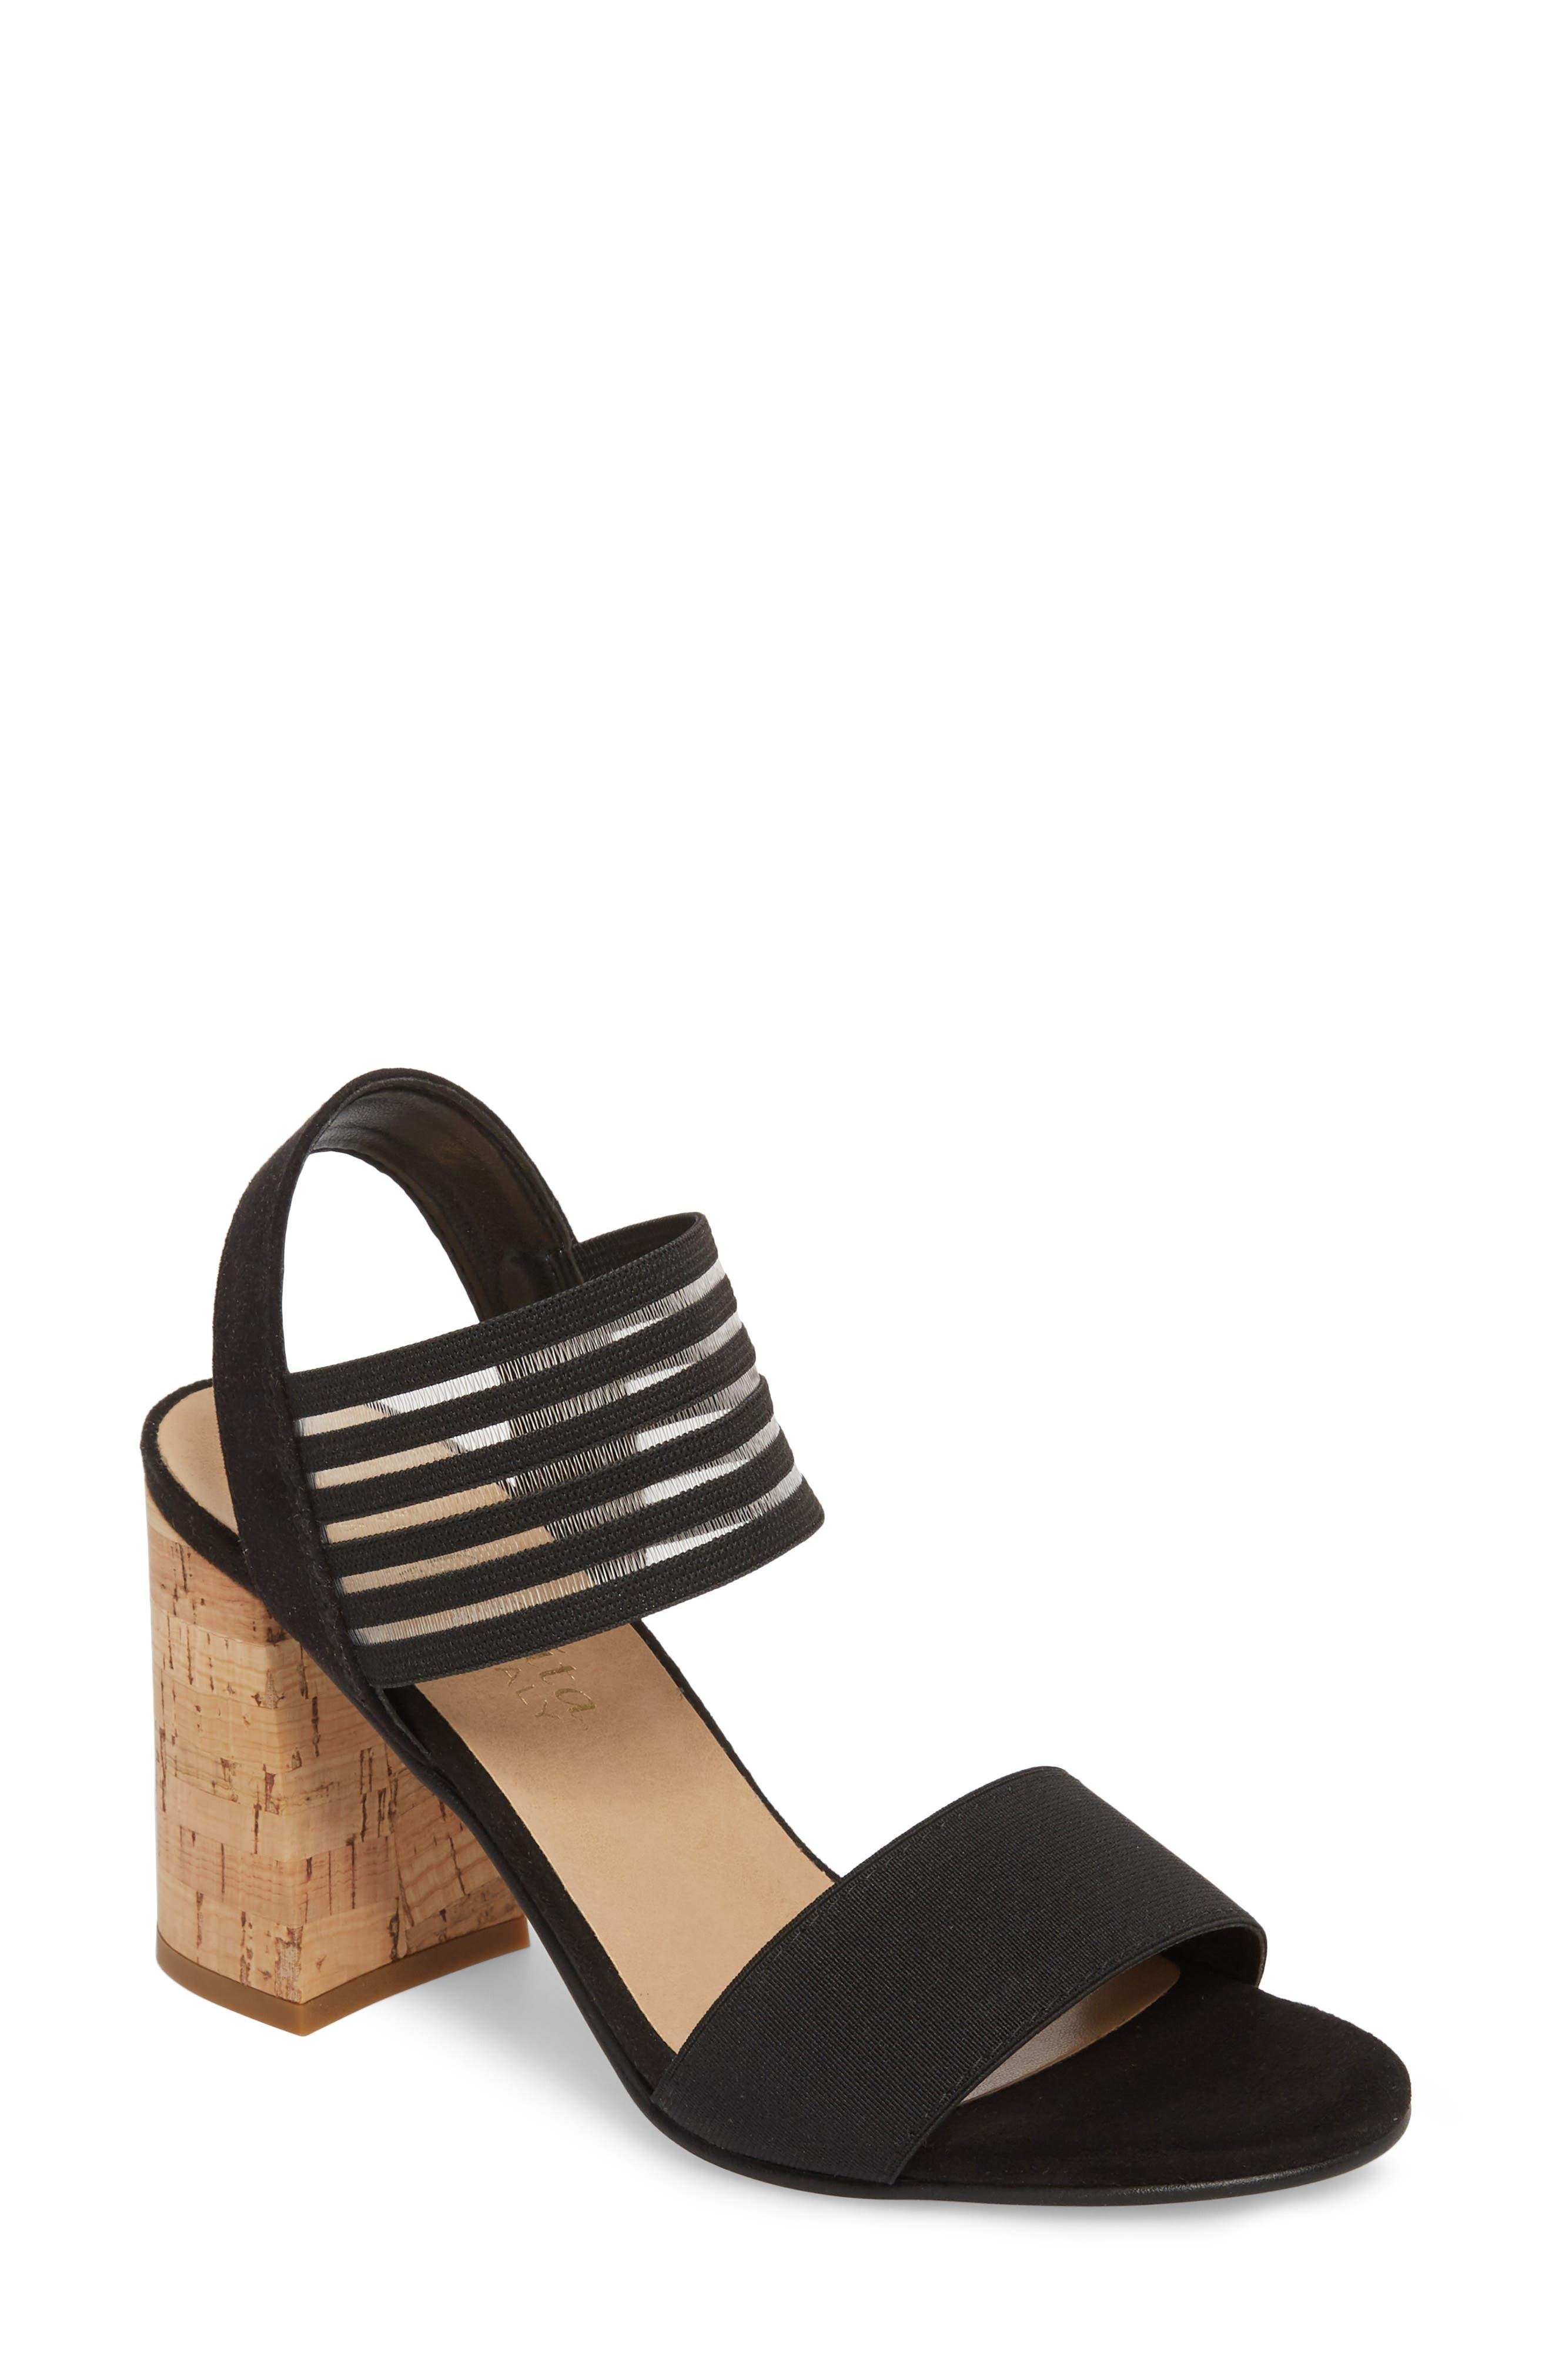 Bella Vita Dan Block Heel Sandal, Black